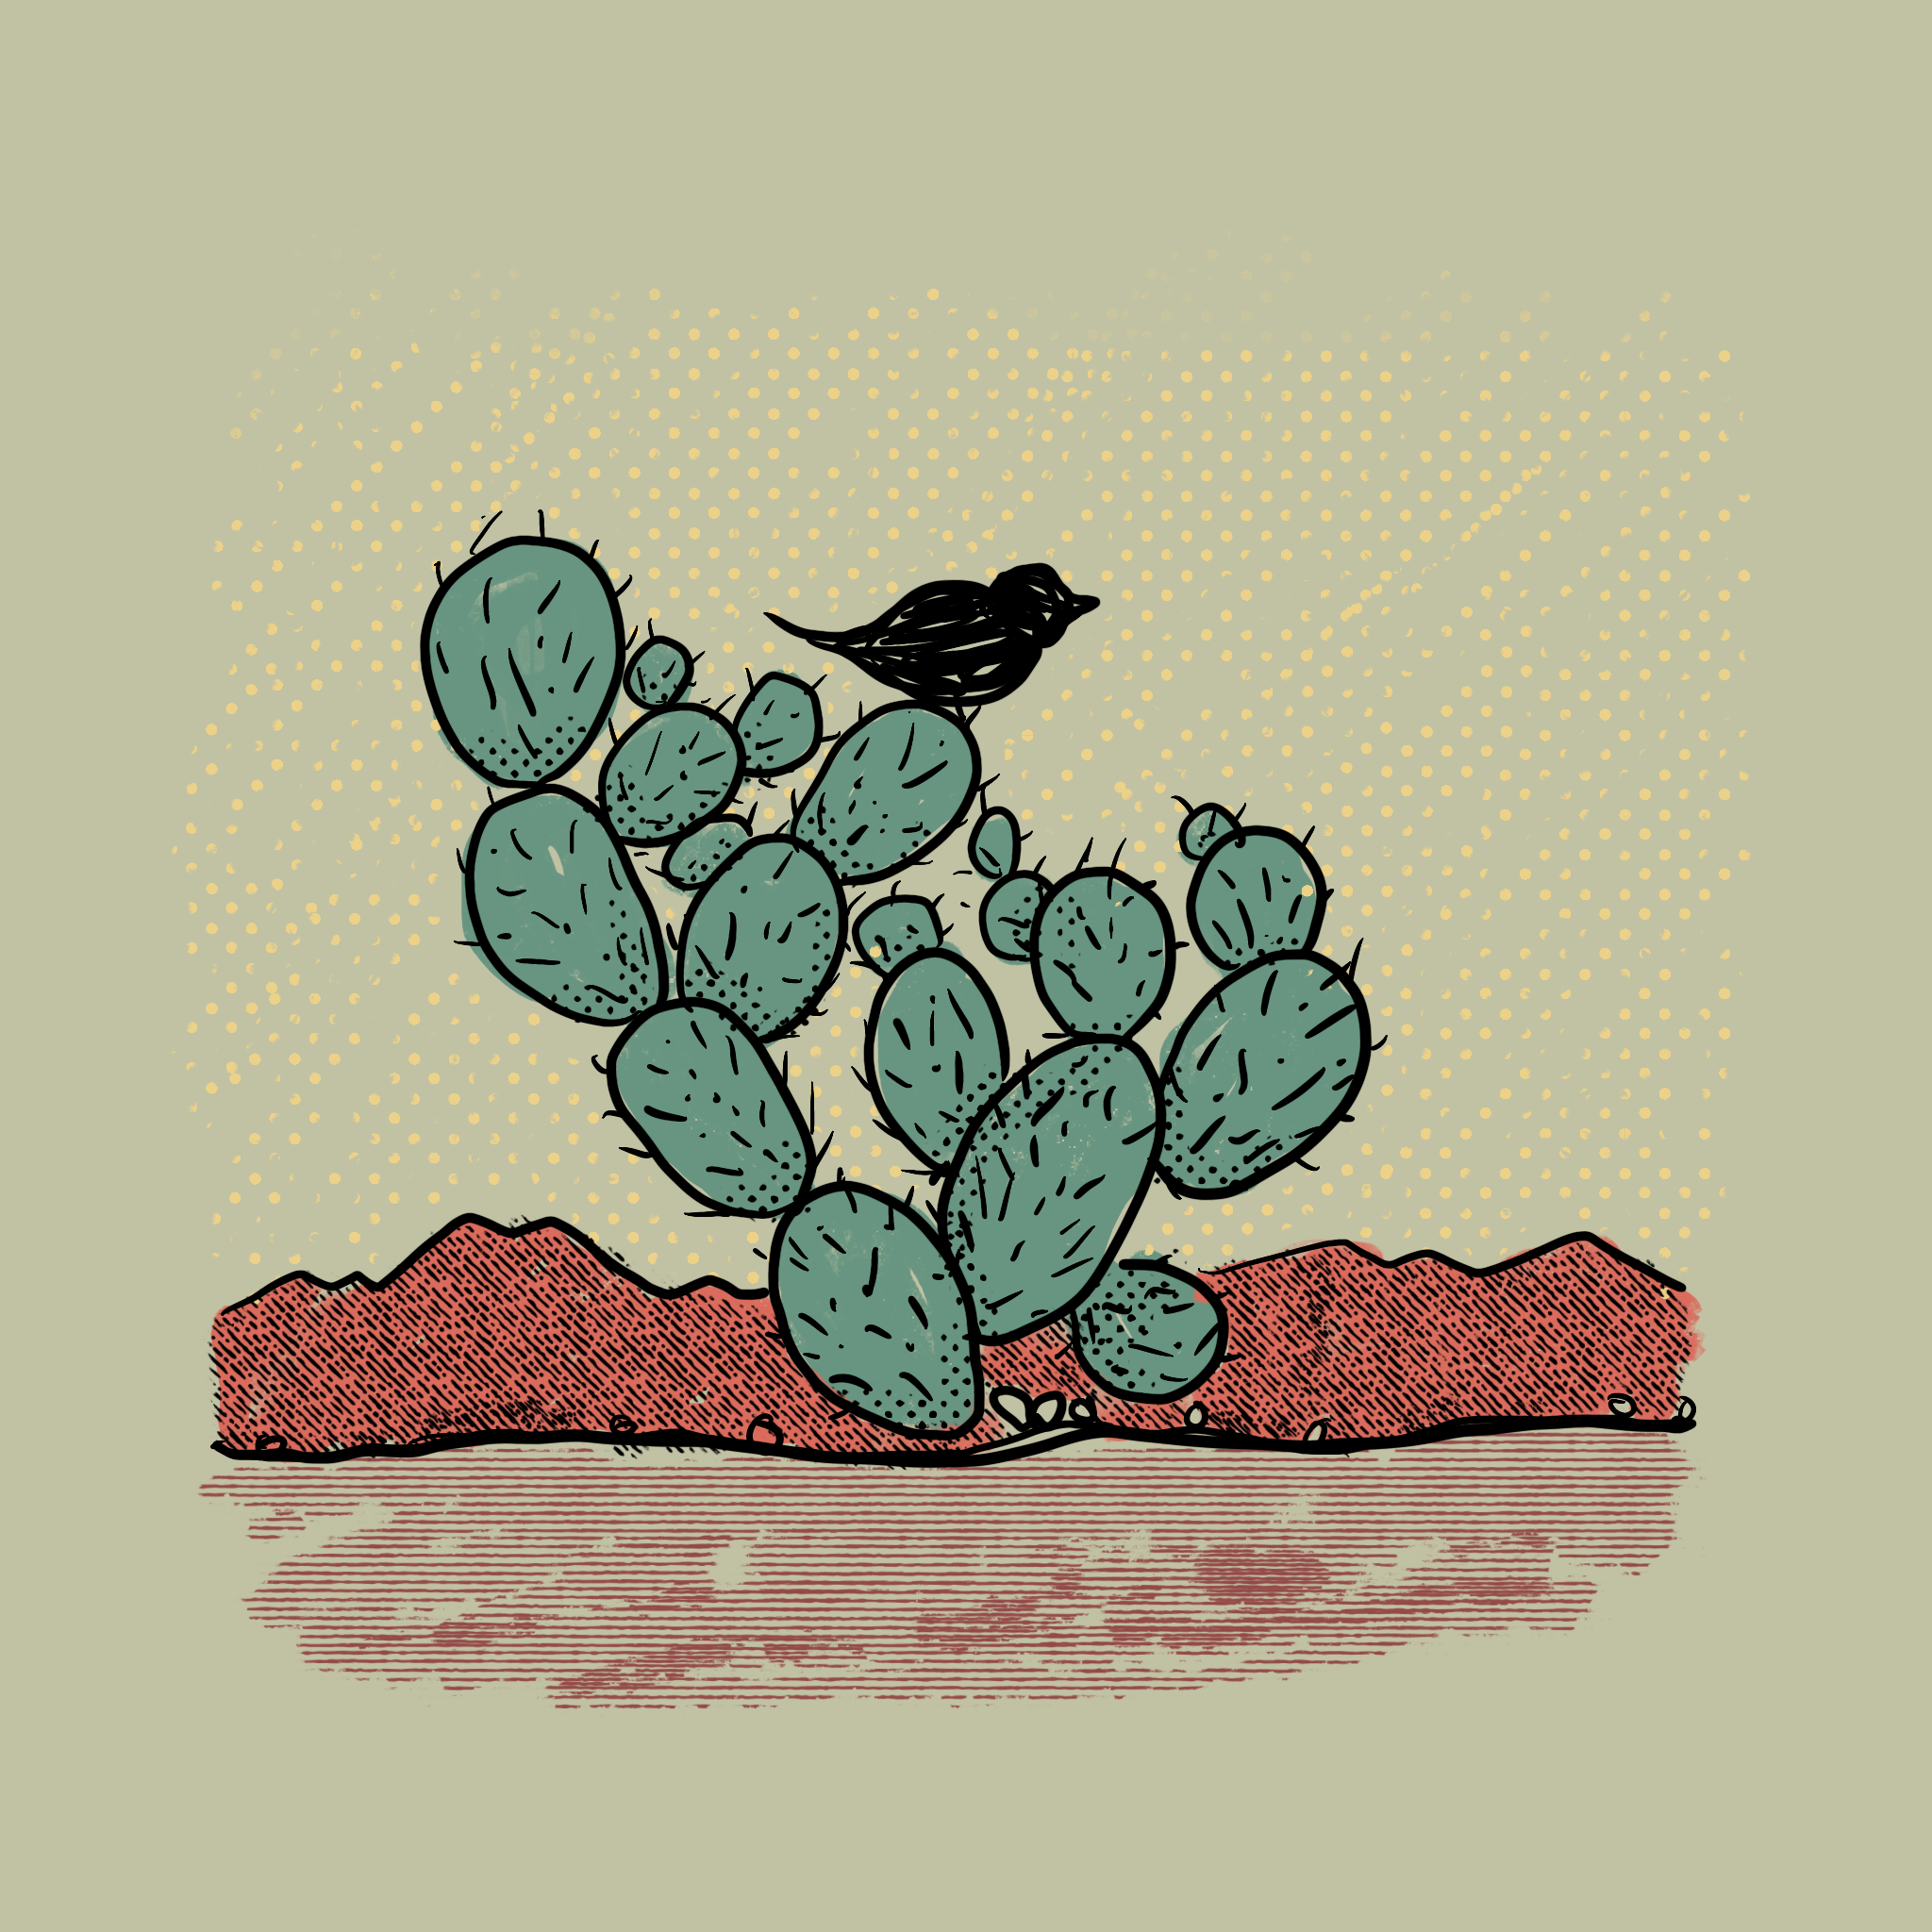 Cactus_Series_-_04.png